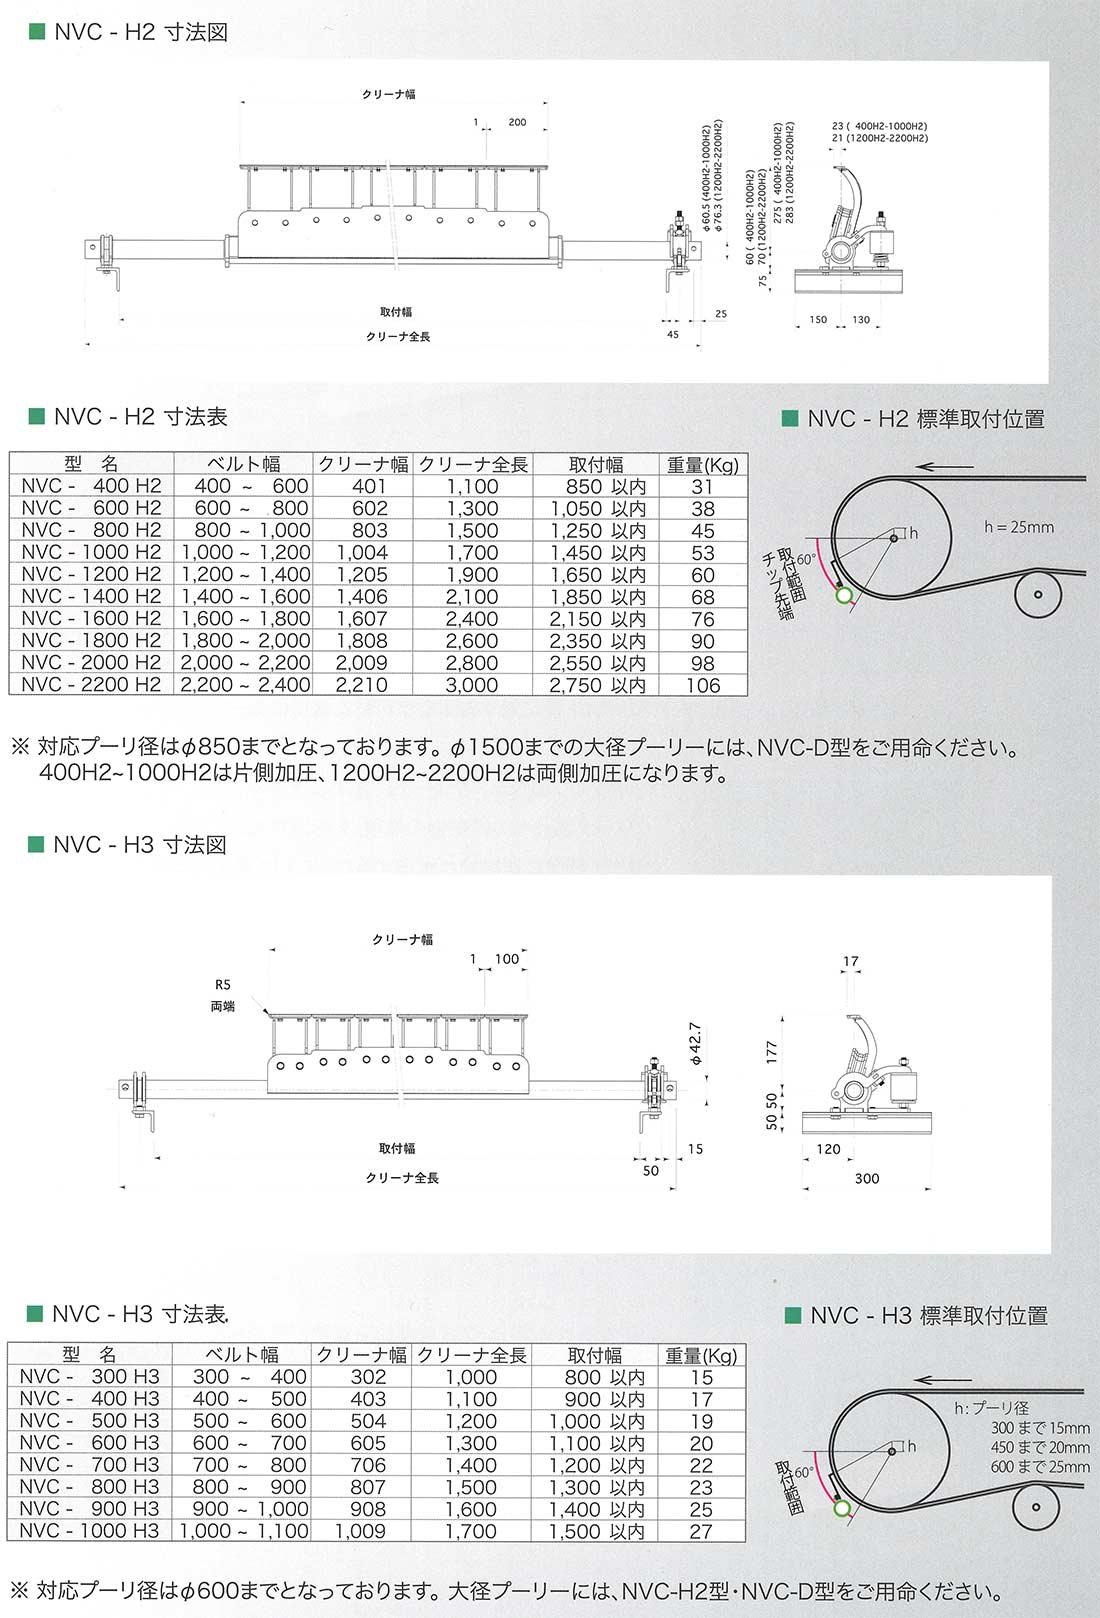 ヘッドクリーナ(NVC-H2・H3)